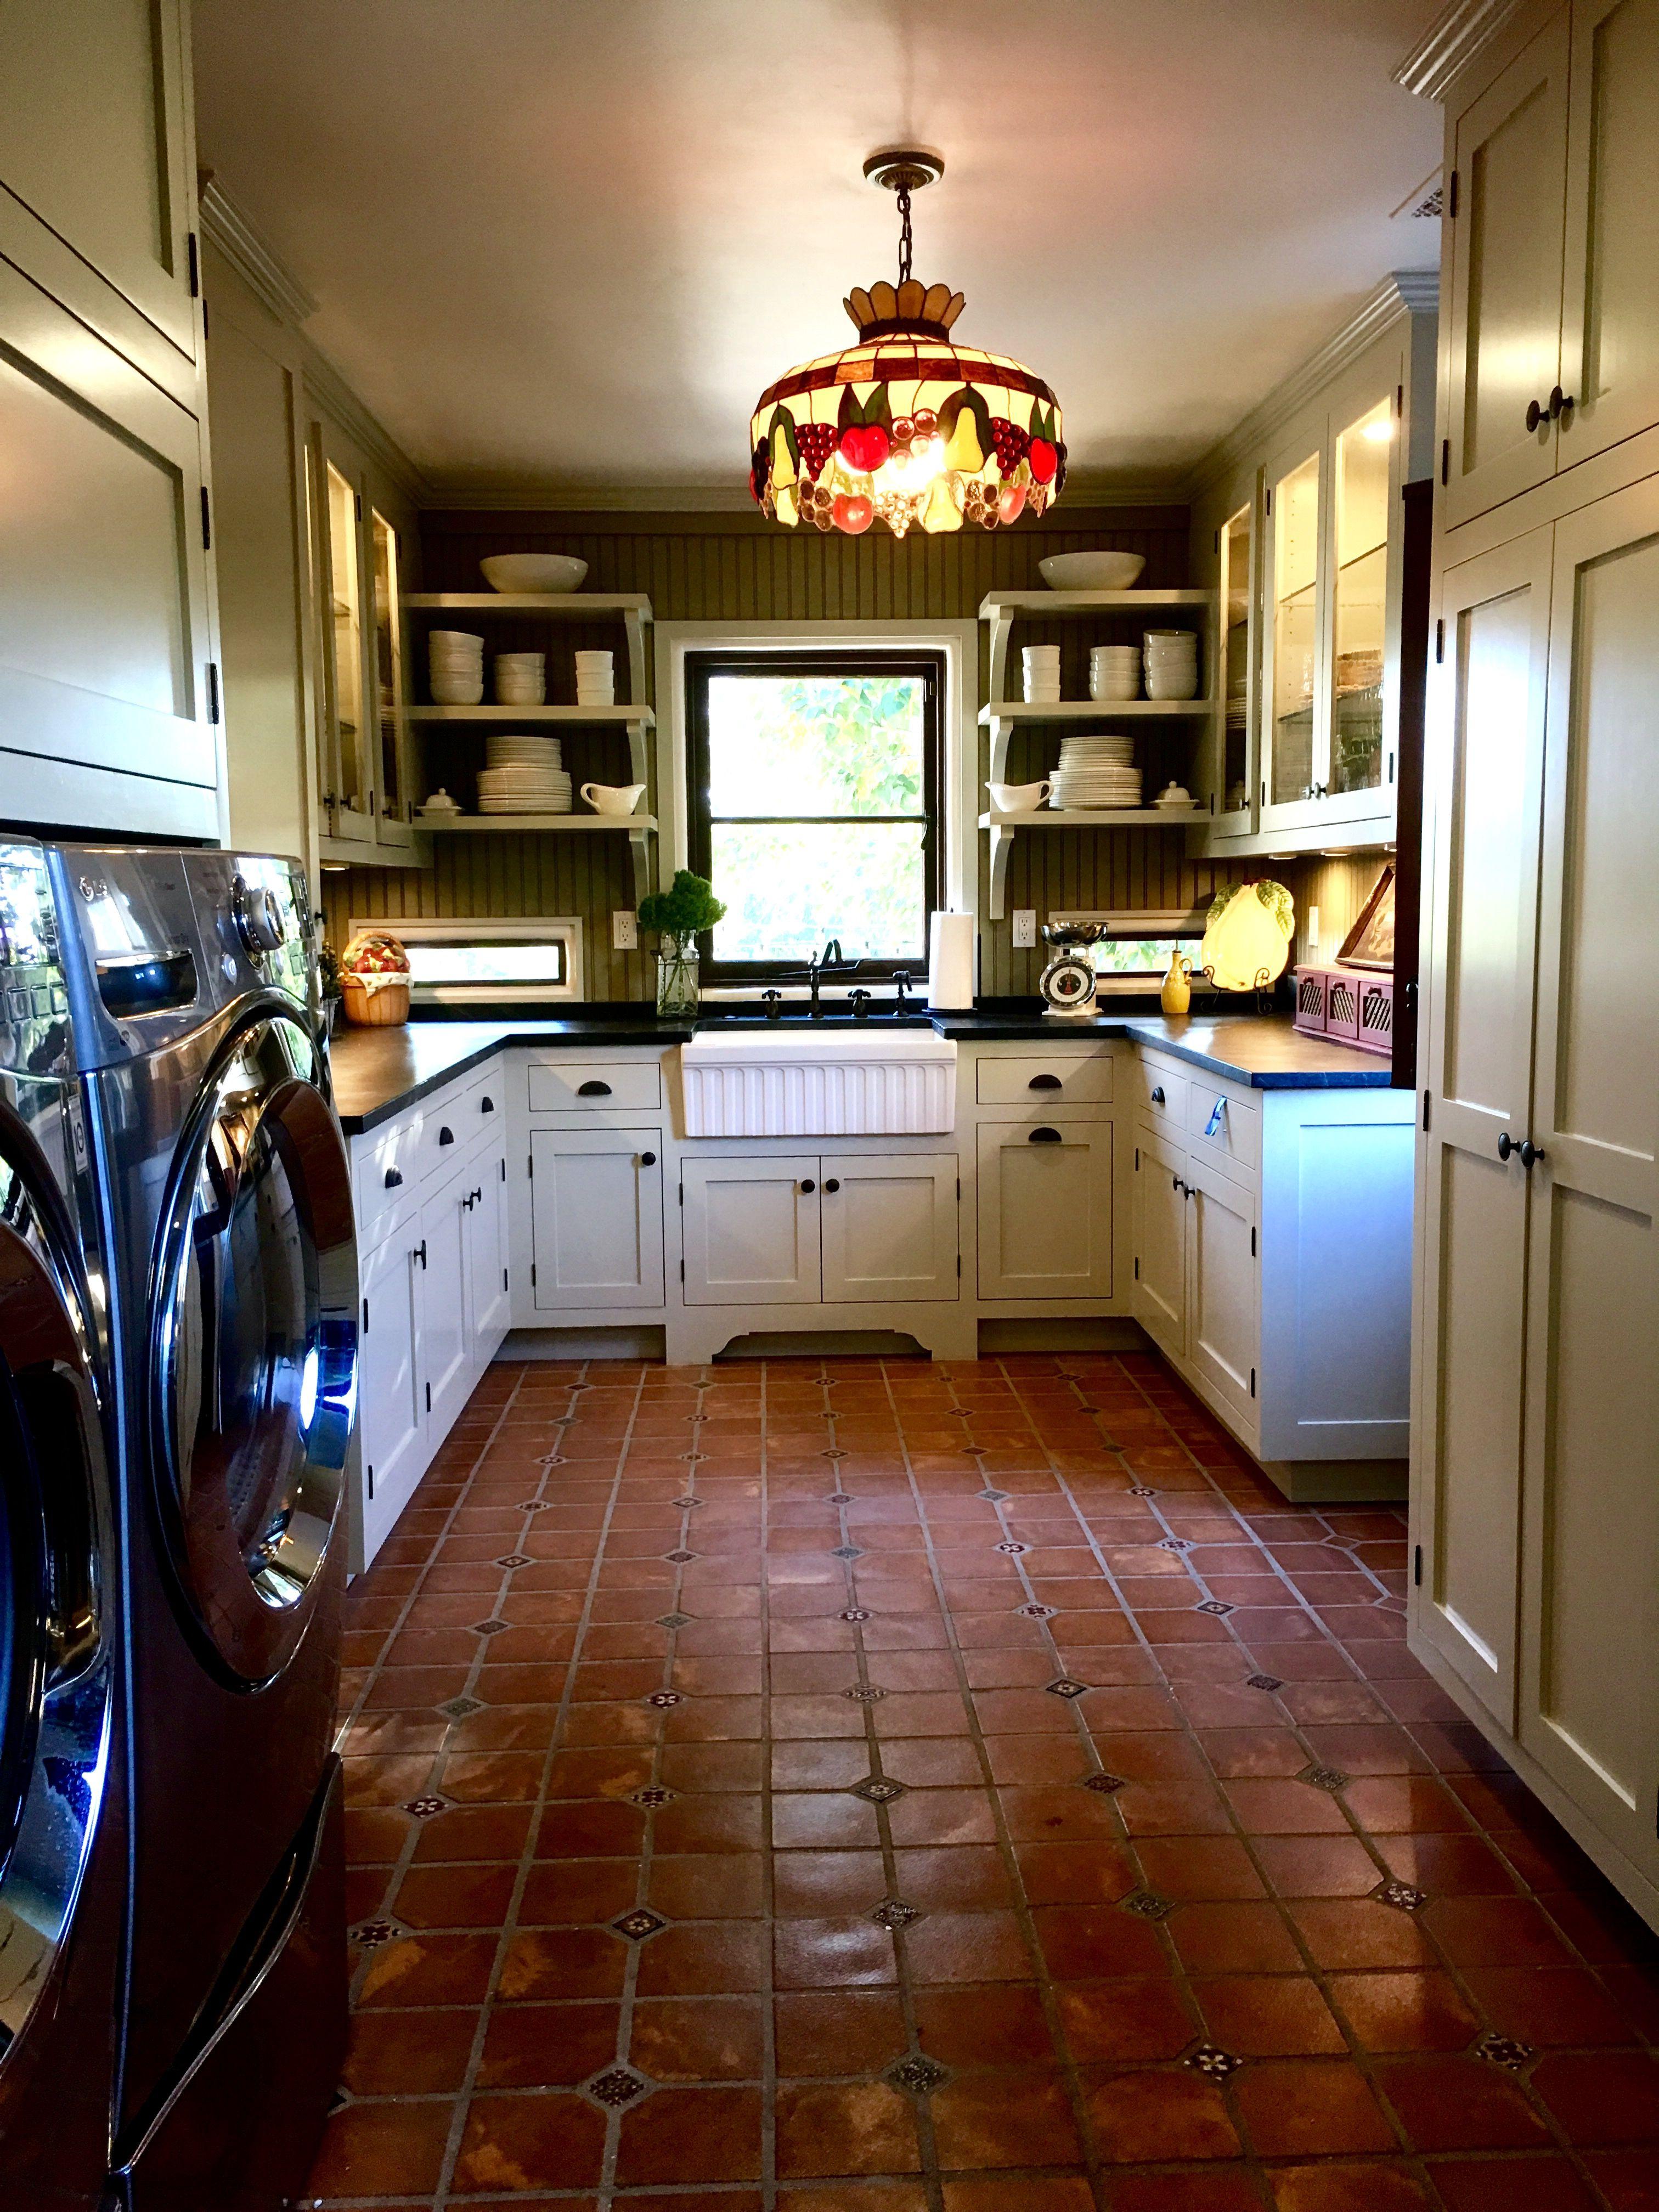 Debra Terrell Designs Kitchen Cabinets Design Home Decor